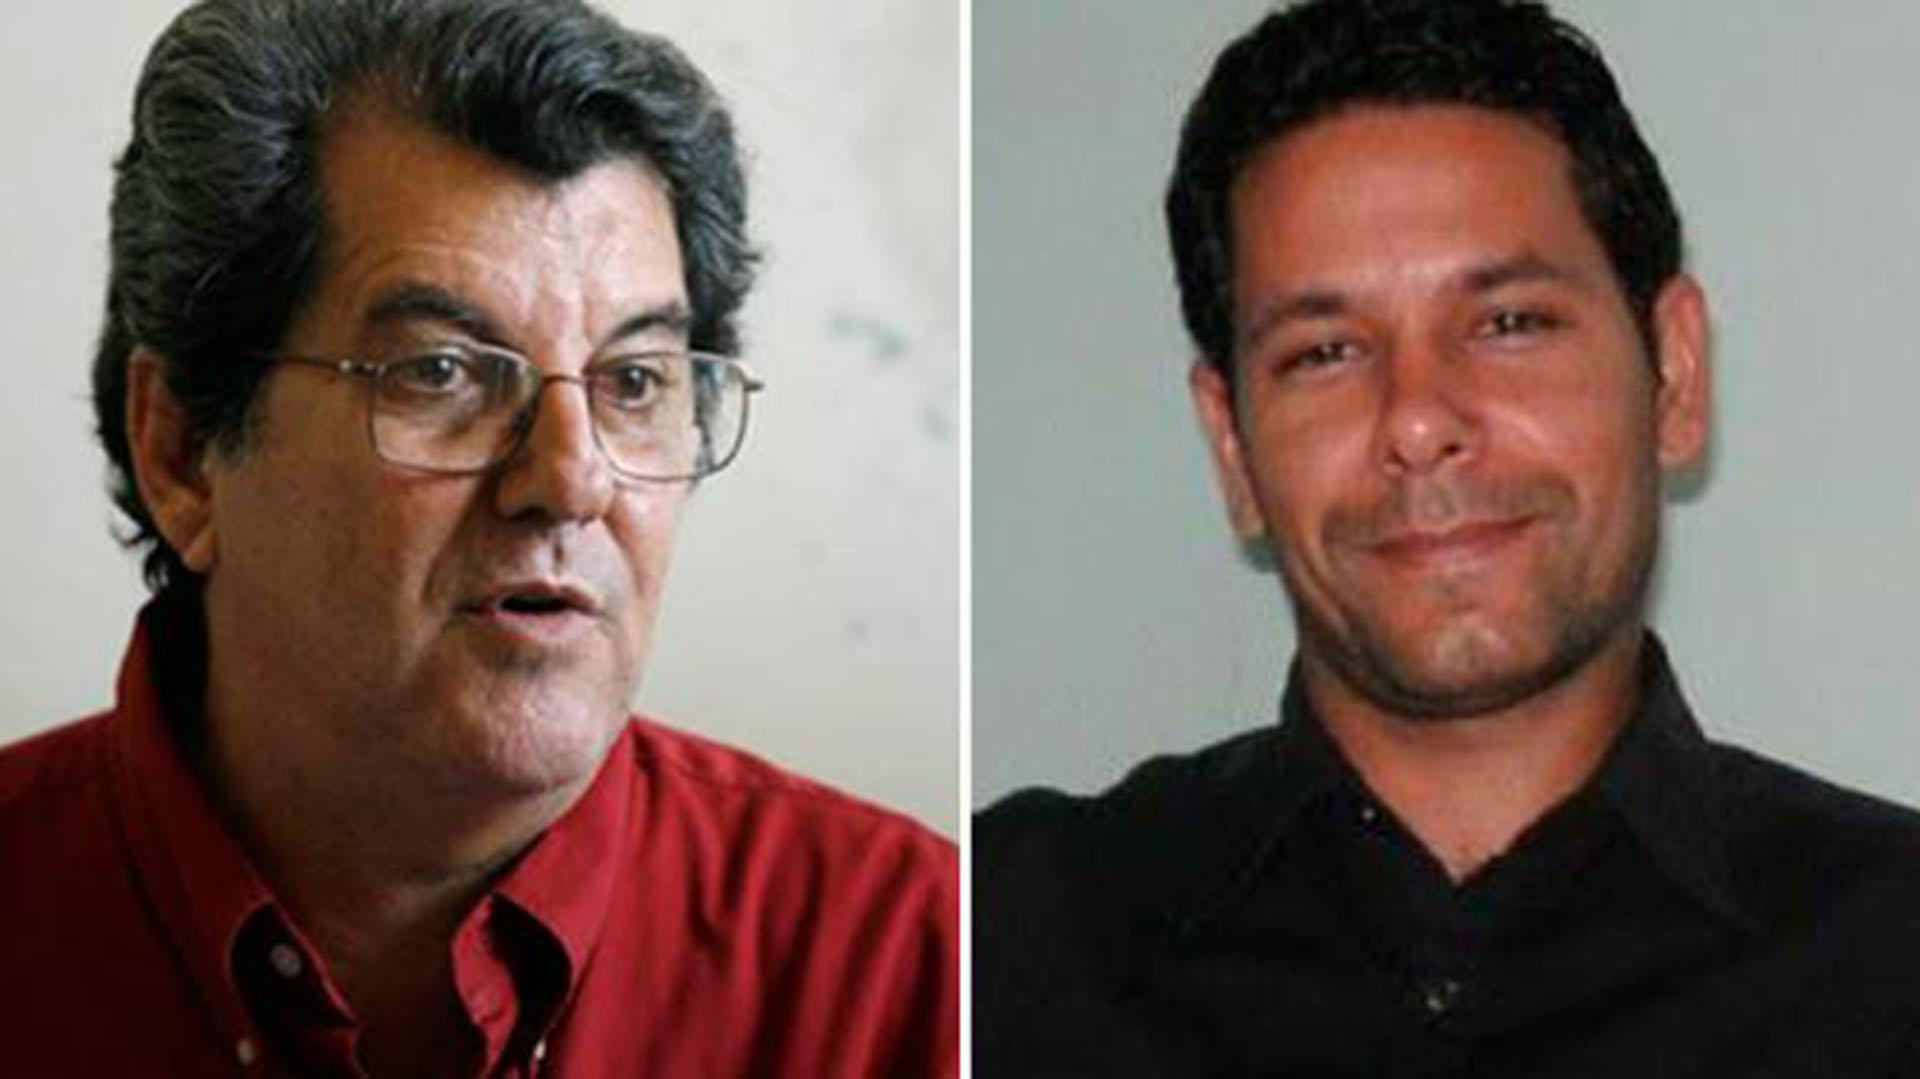 """El líder del Movimiento Cristiano LIberación, Oswaldo Paya (izquierda), y el activista opositor Harold Cepero murieron en lo que Cuba llamó un """"accidente"""" automovilístico"""